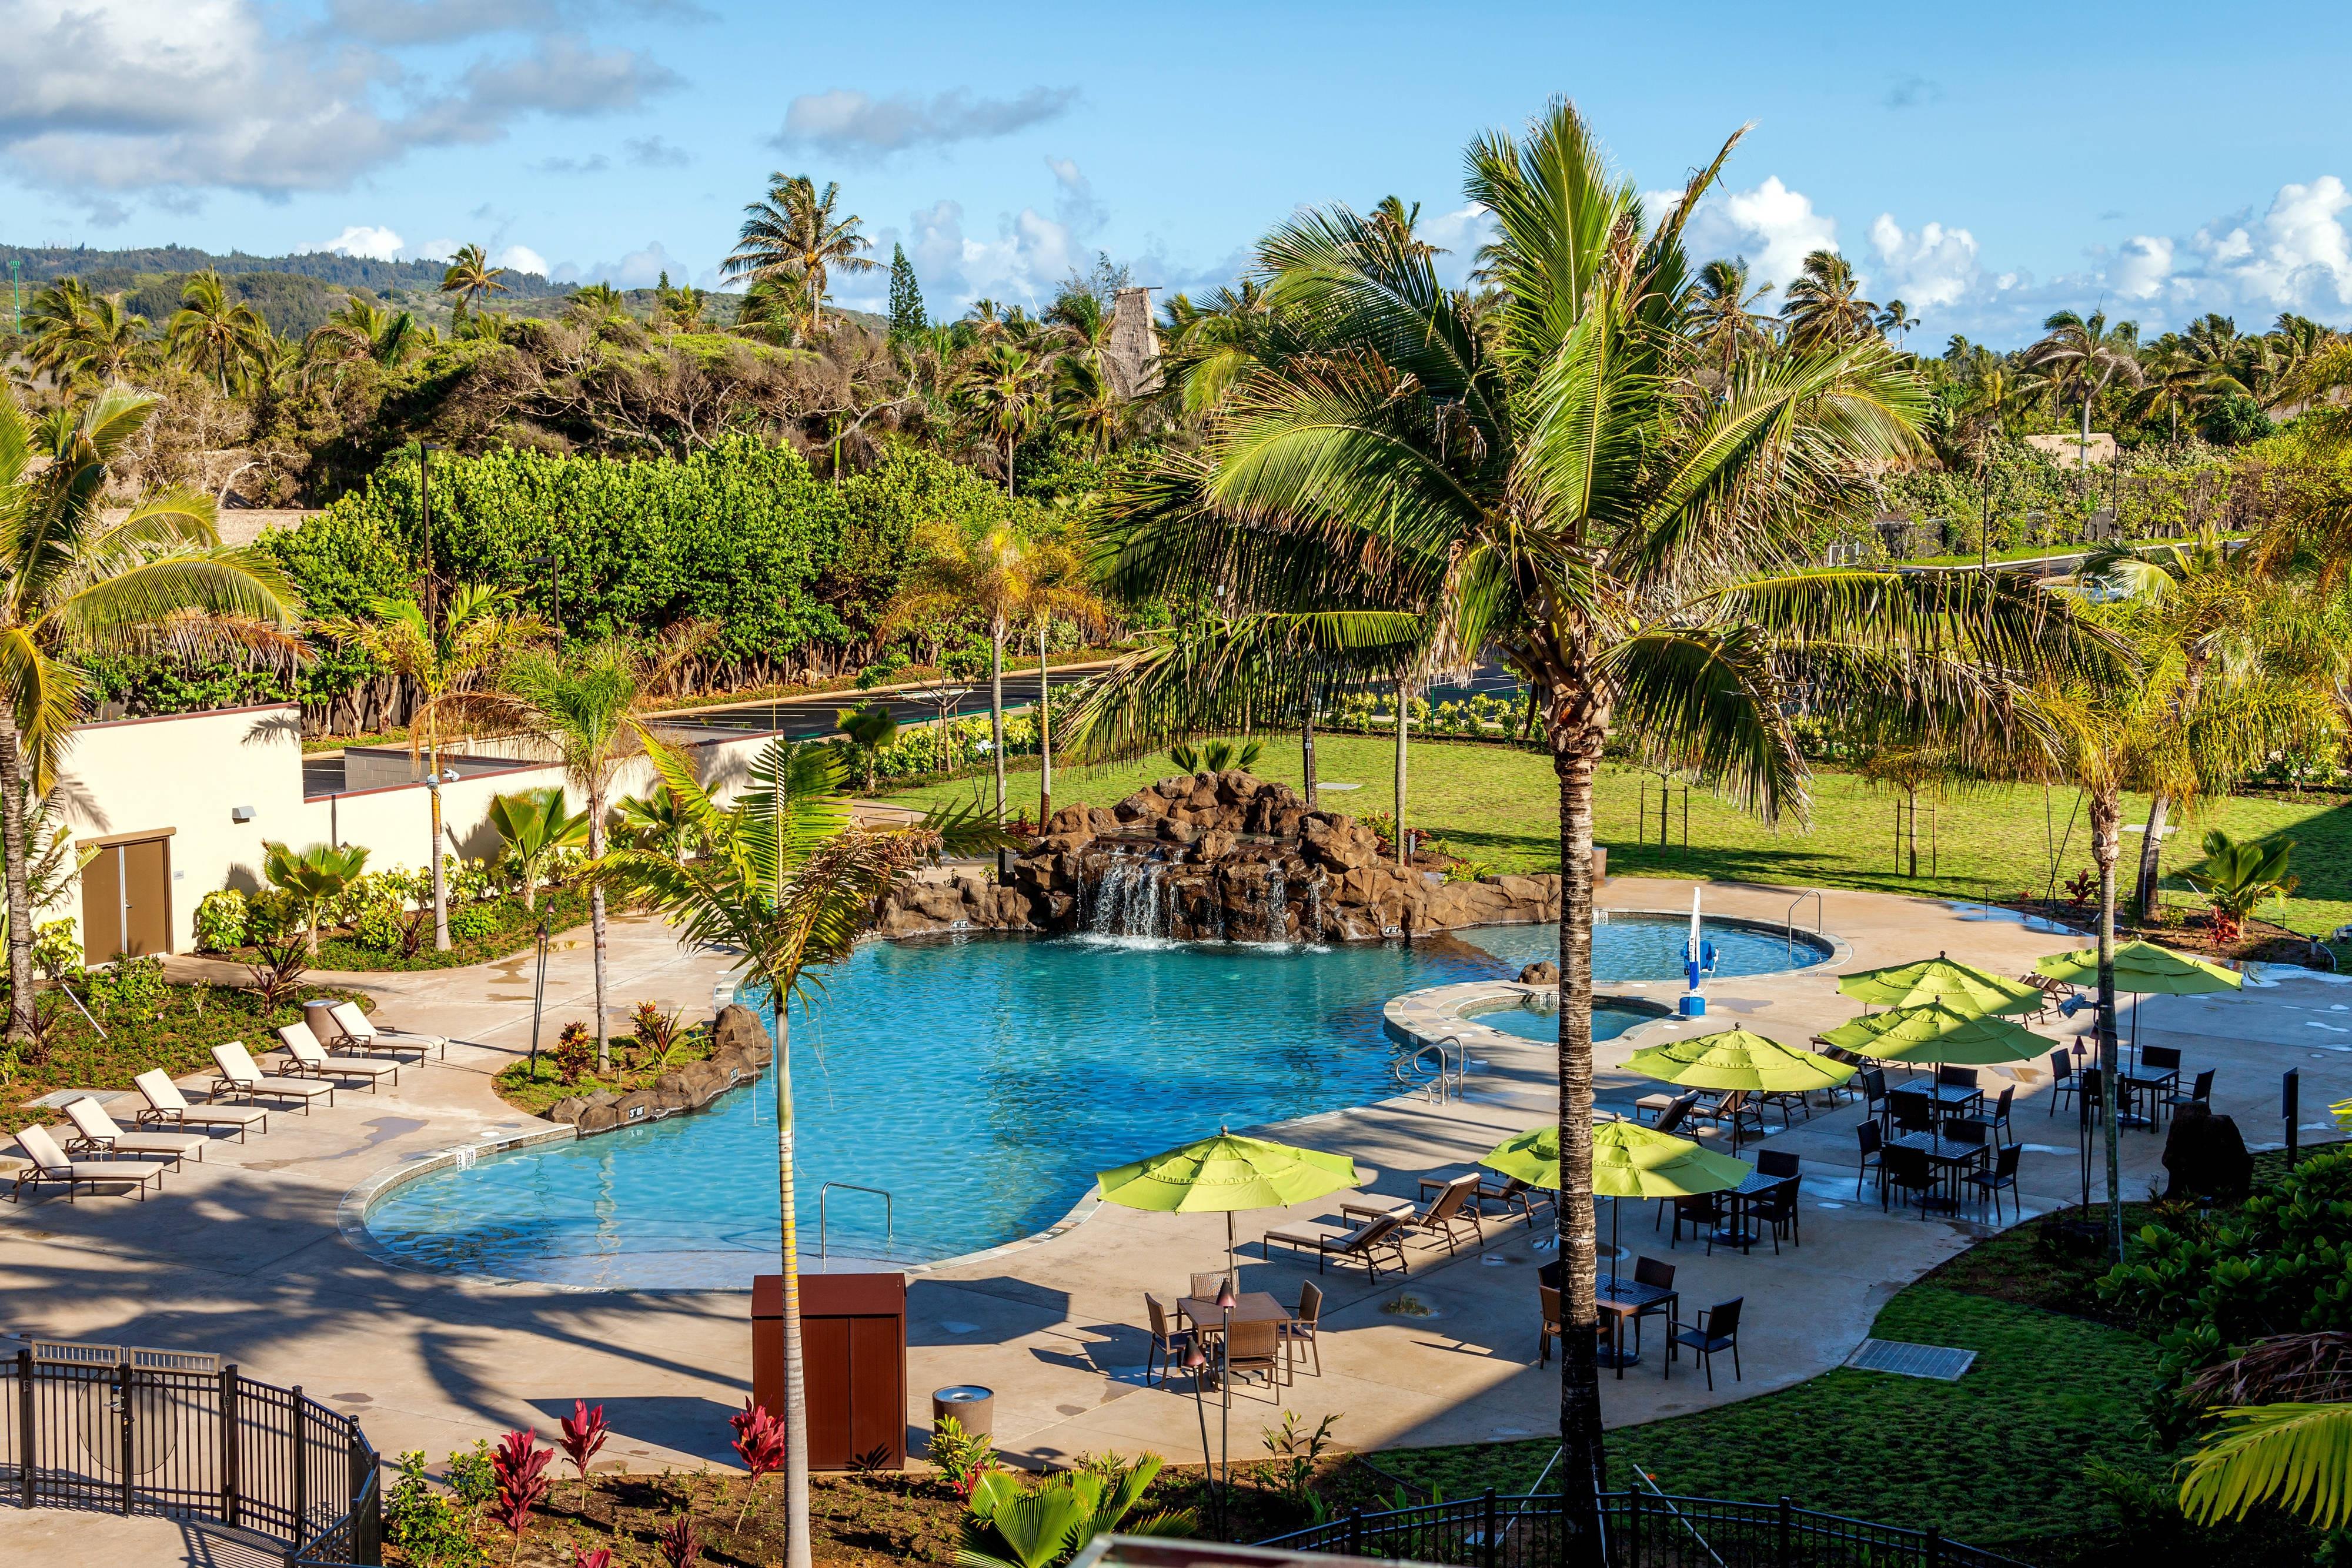 Oahu hotel outdoor pool